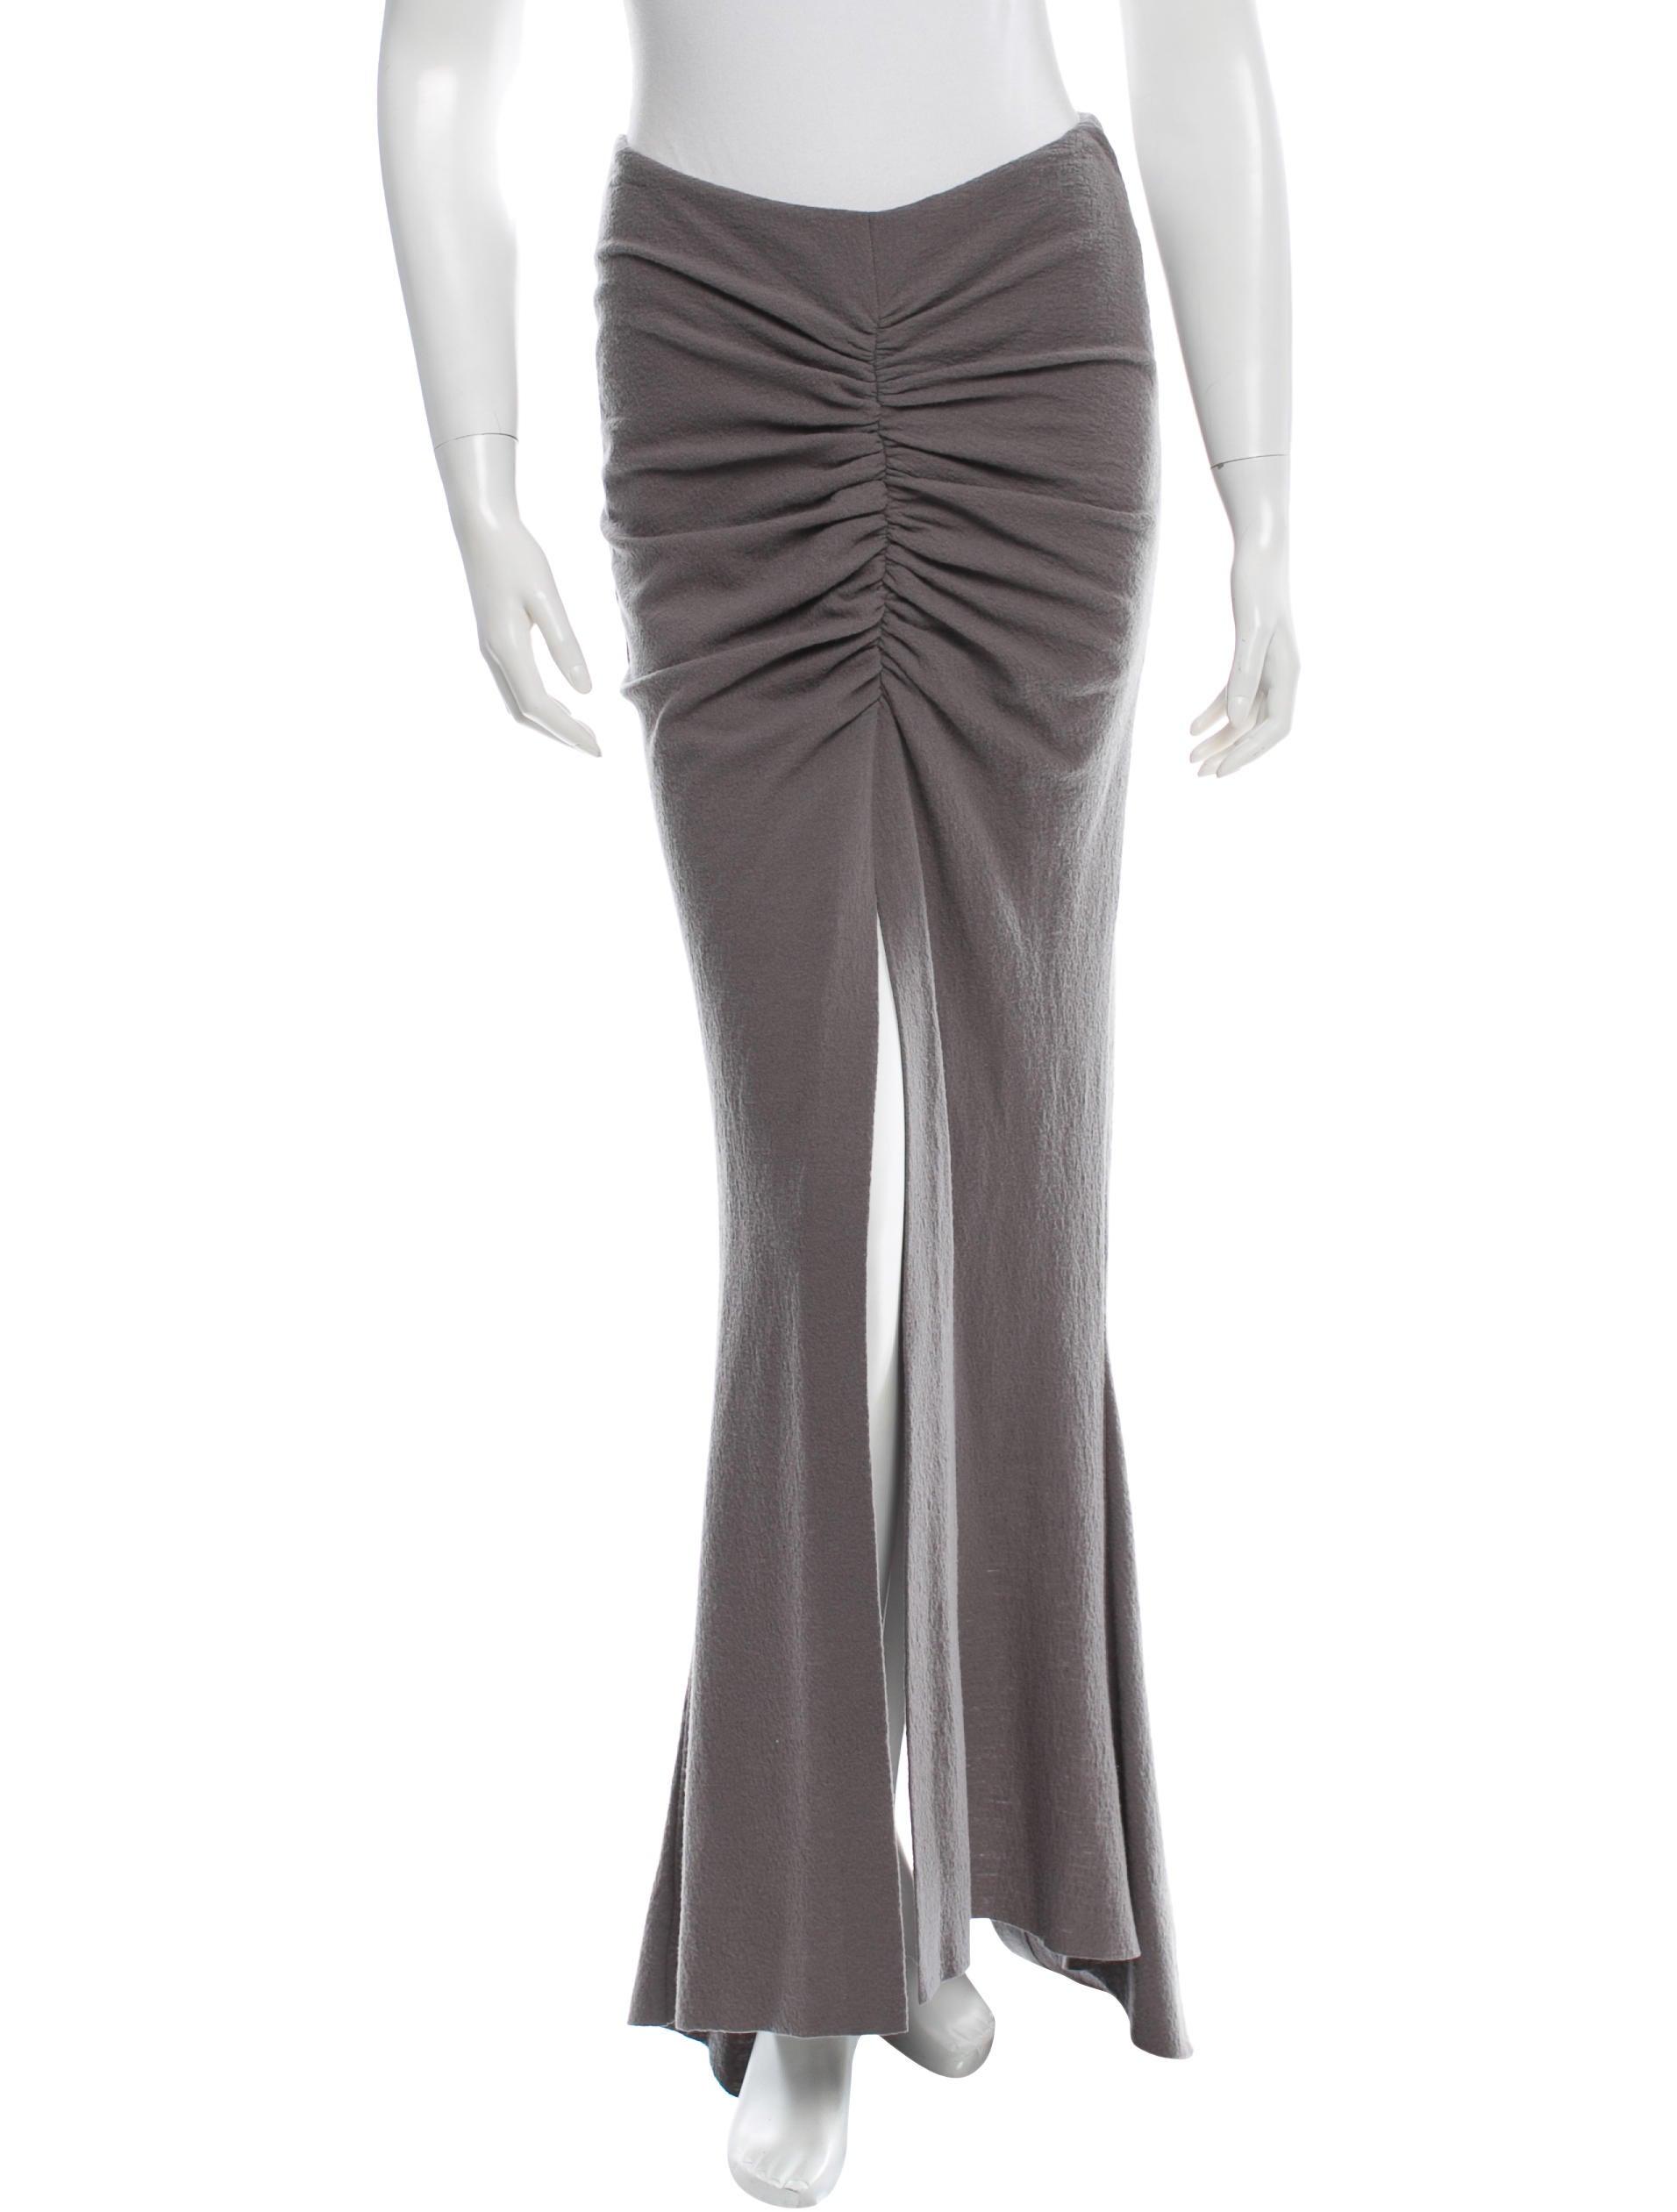 haider ackermann ruched maxi skirt clothing hai20517